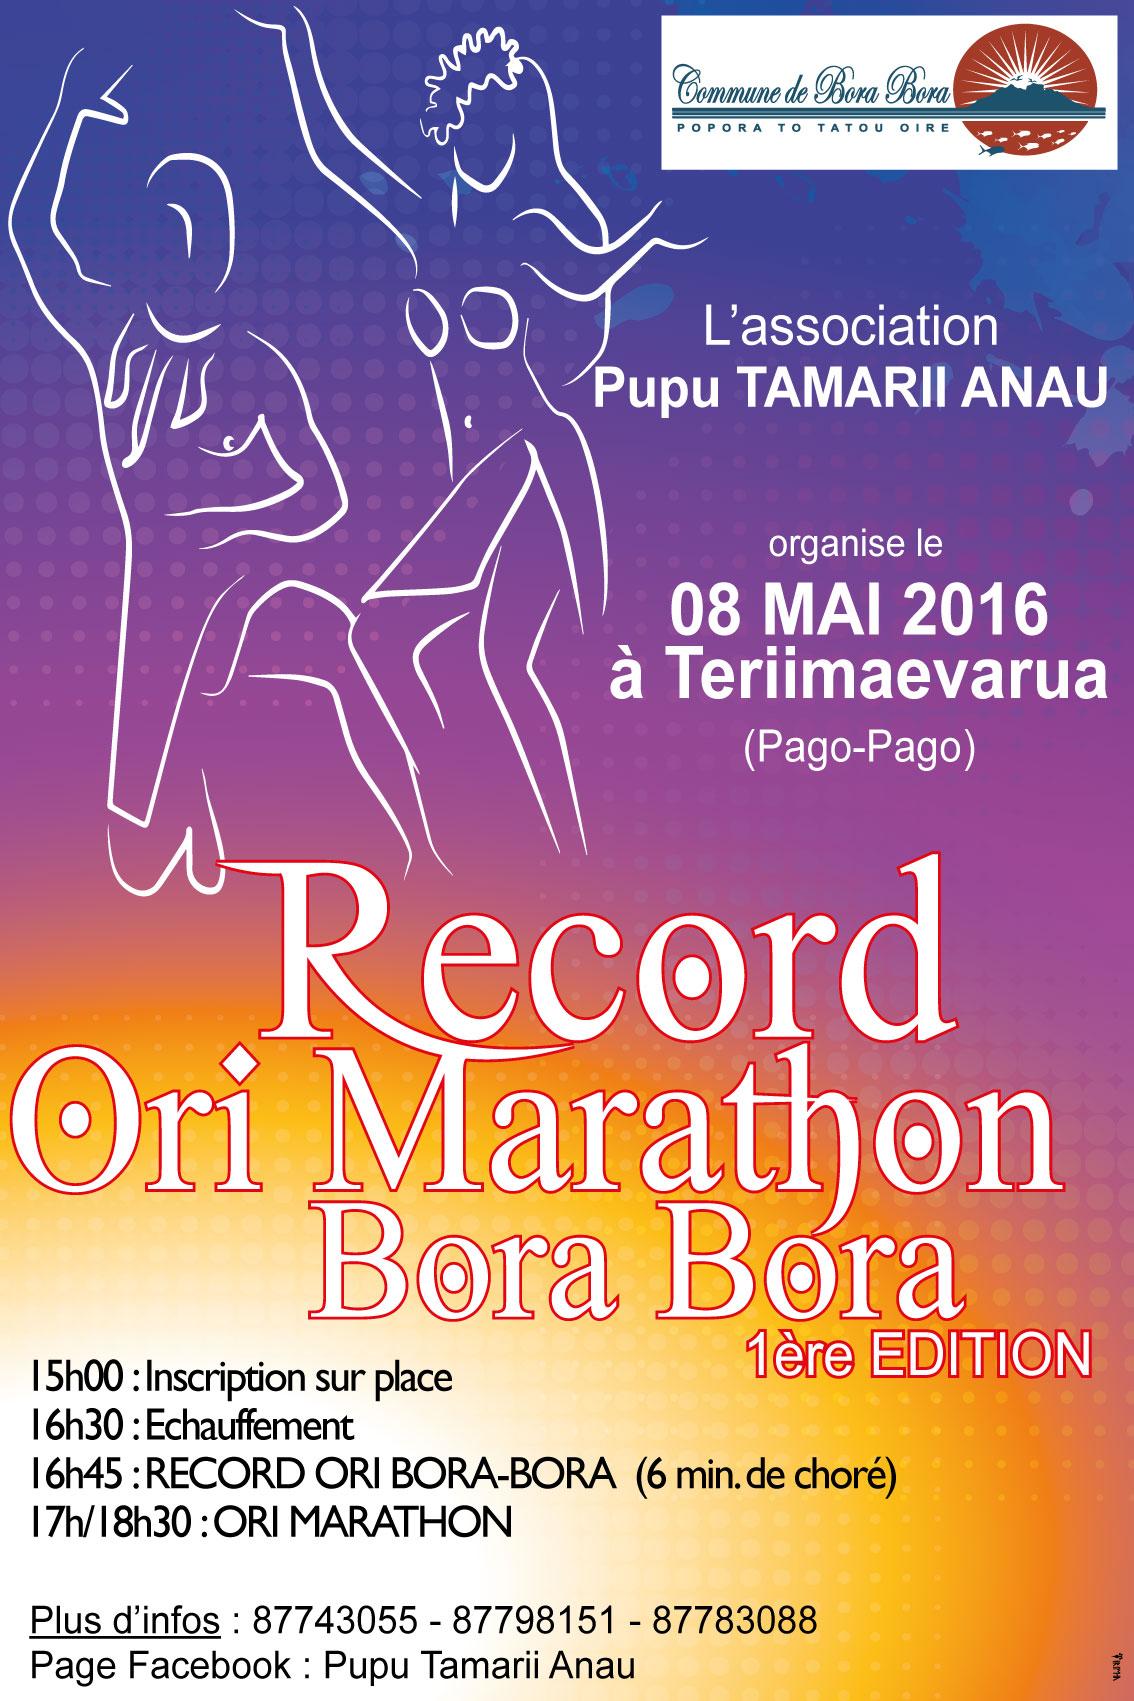 'ori tahiti : Bora Bora vise aussi un record !